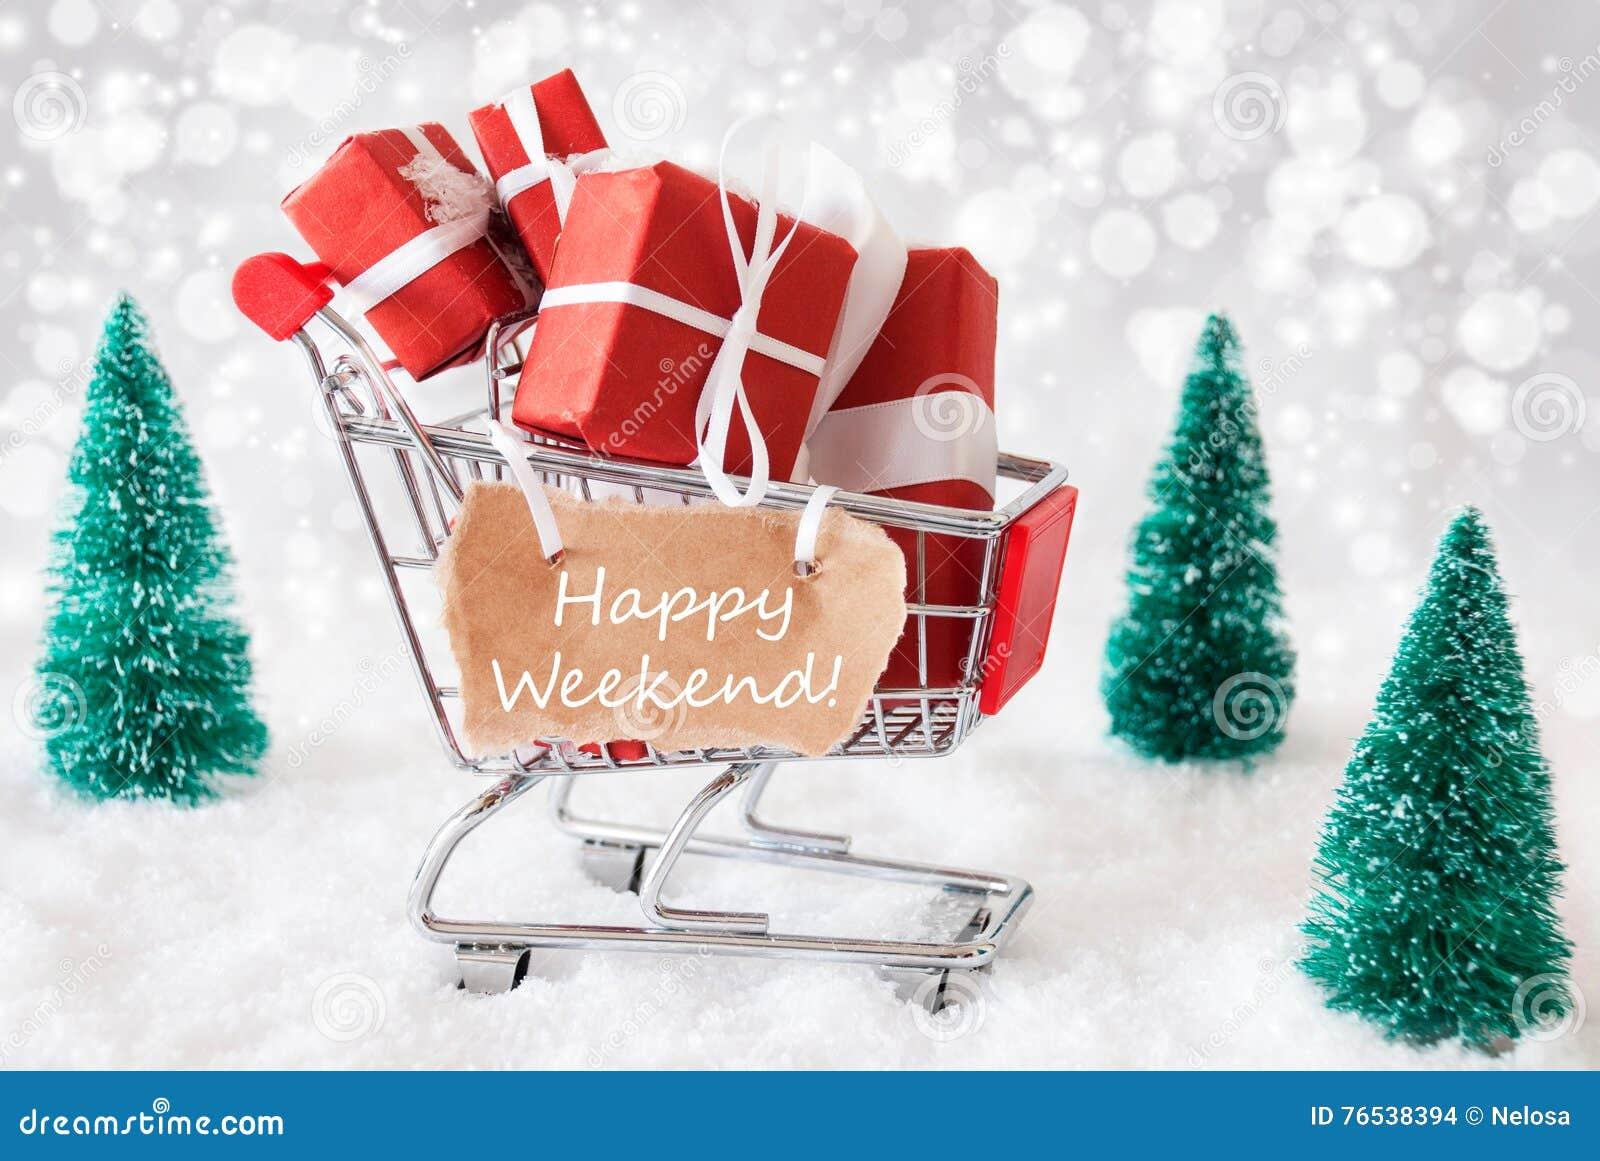 Foto Con La Neve Di Natale.Il Carrello Con I Regali E La Neve Di Natale Manda Un Sms Al Fine Settimana Felice Fotografia Stock Immagine Di Donazione Festa 76538394